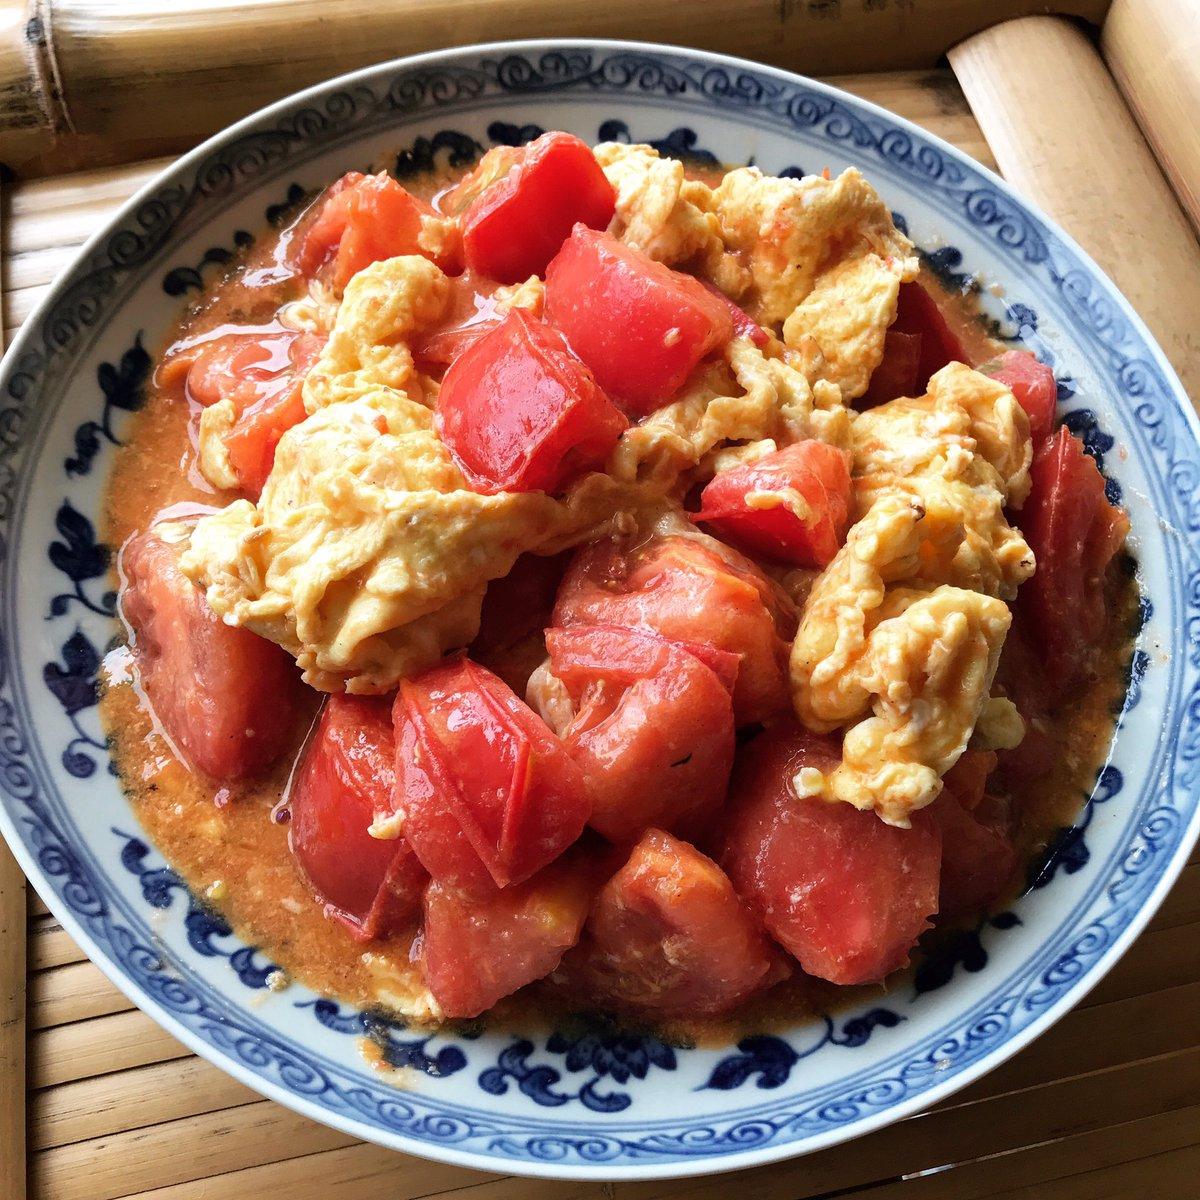 この料理を知らずしてトマトの旨さを語ることなかれ、の西紅柿炒蛋(トマトの卵炒め)。中国では誰もが知る定番で、家庭ごとにレシピがある勢い。どう作っても旨くはなるが、僕は卵を先に炒めて味付けは最小限に絞る派。トマトが熟する夏の今、一番美味しい料理。ご飯やうどんにぶっかけても最高。